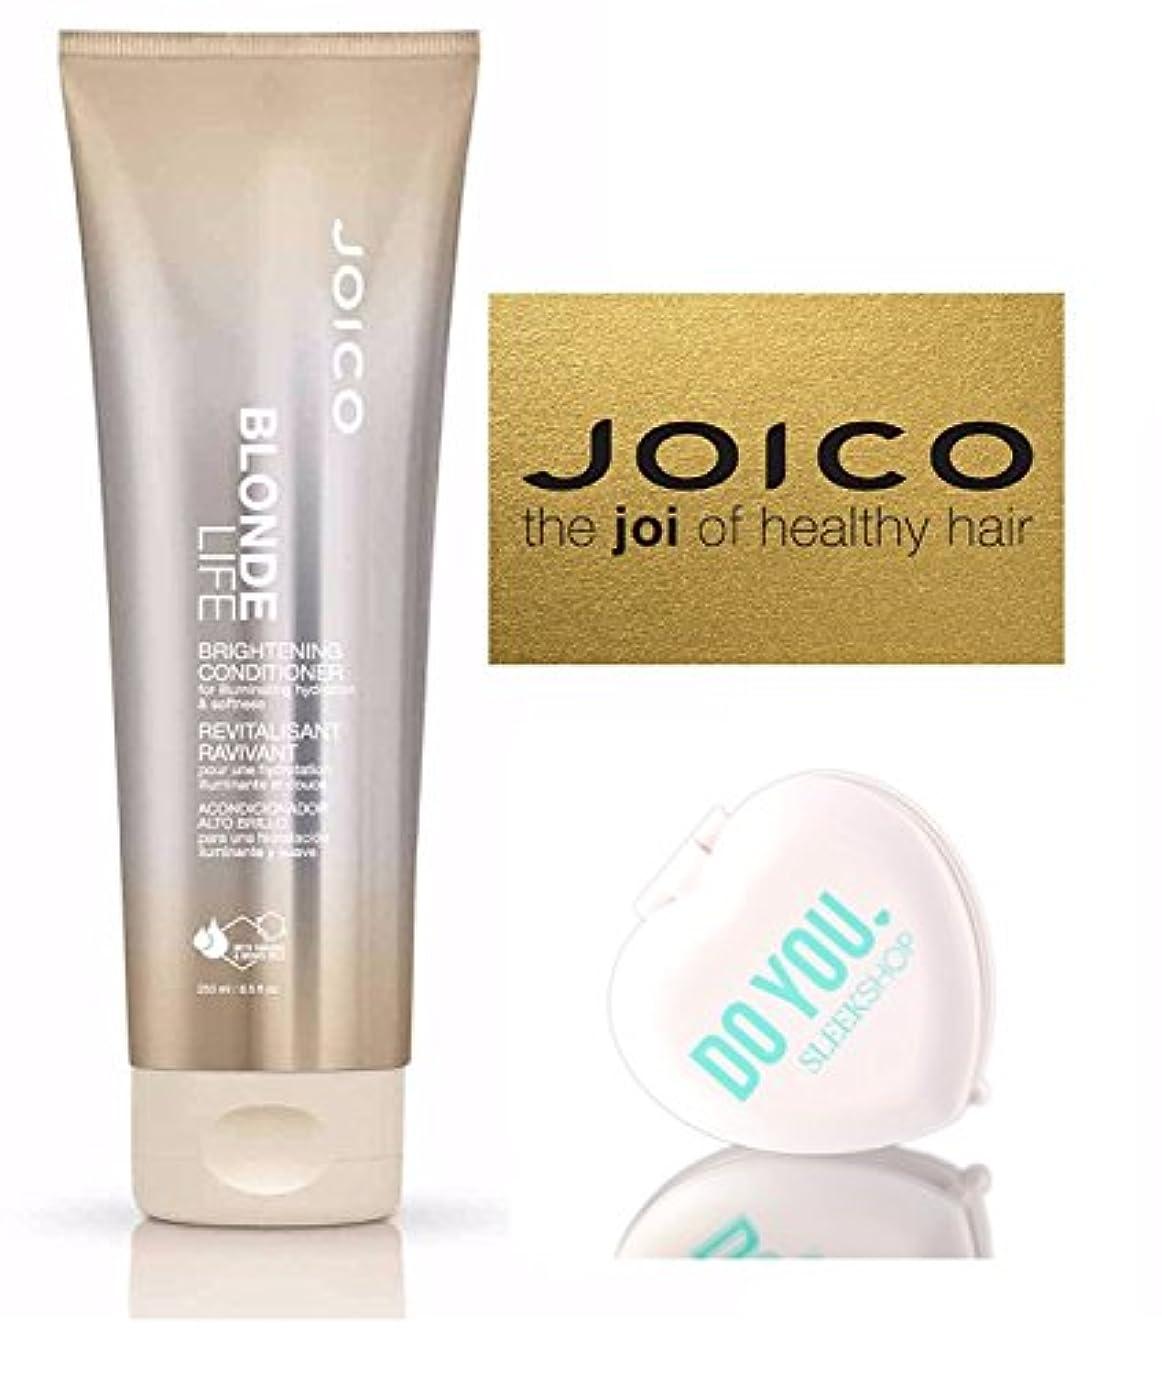 コーンウォールゆでる白鳥Blonde Life by Joico (なめらかなコンパクトミラー付)ジョイコブロンド?ライフブライトニングコンディショナー(8.5オンス/ 250mlの - 小売サイズ) 8.5オンス